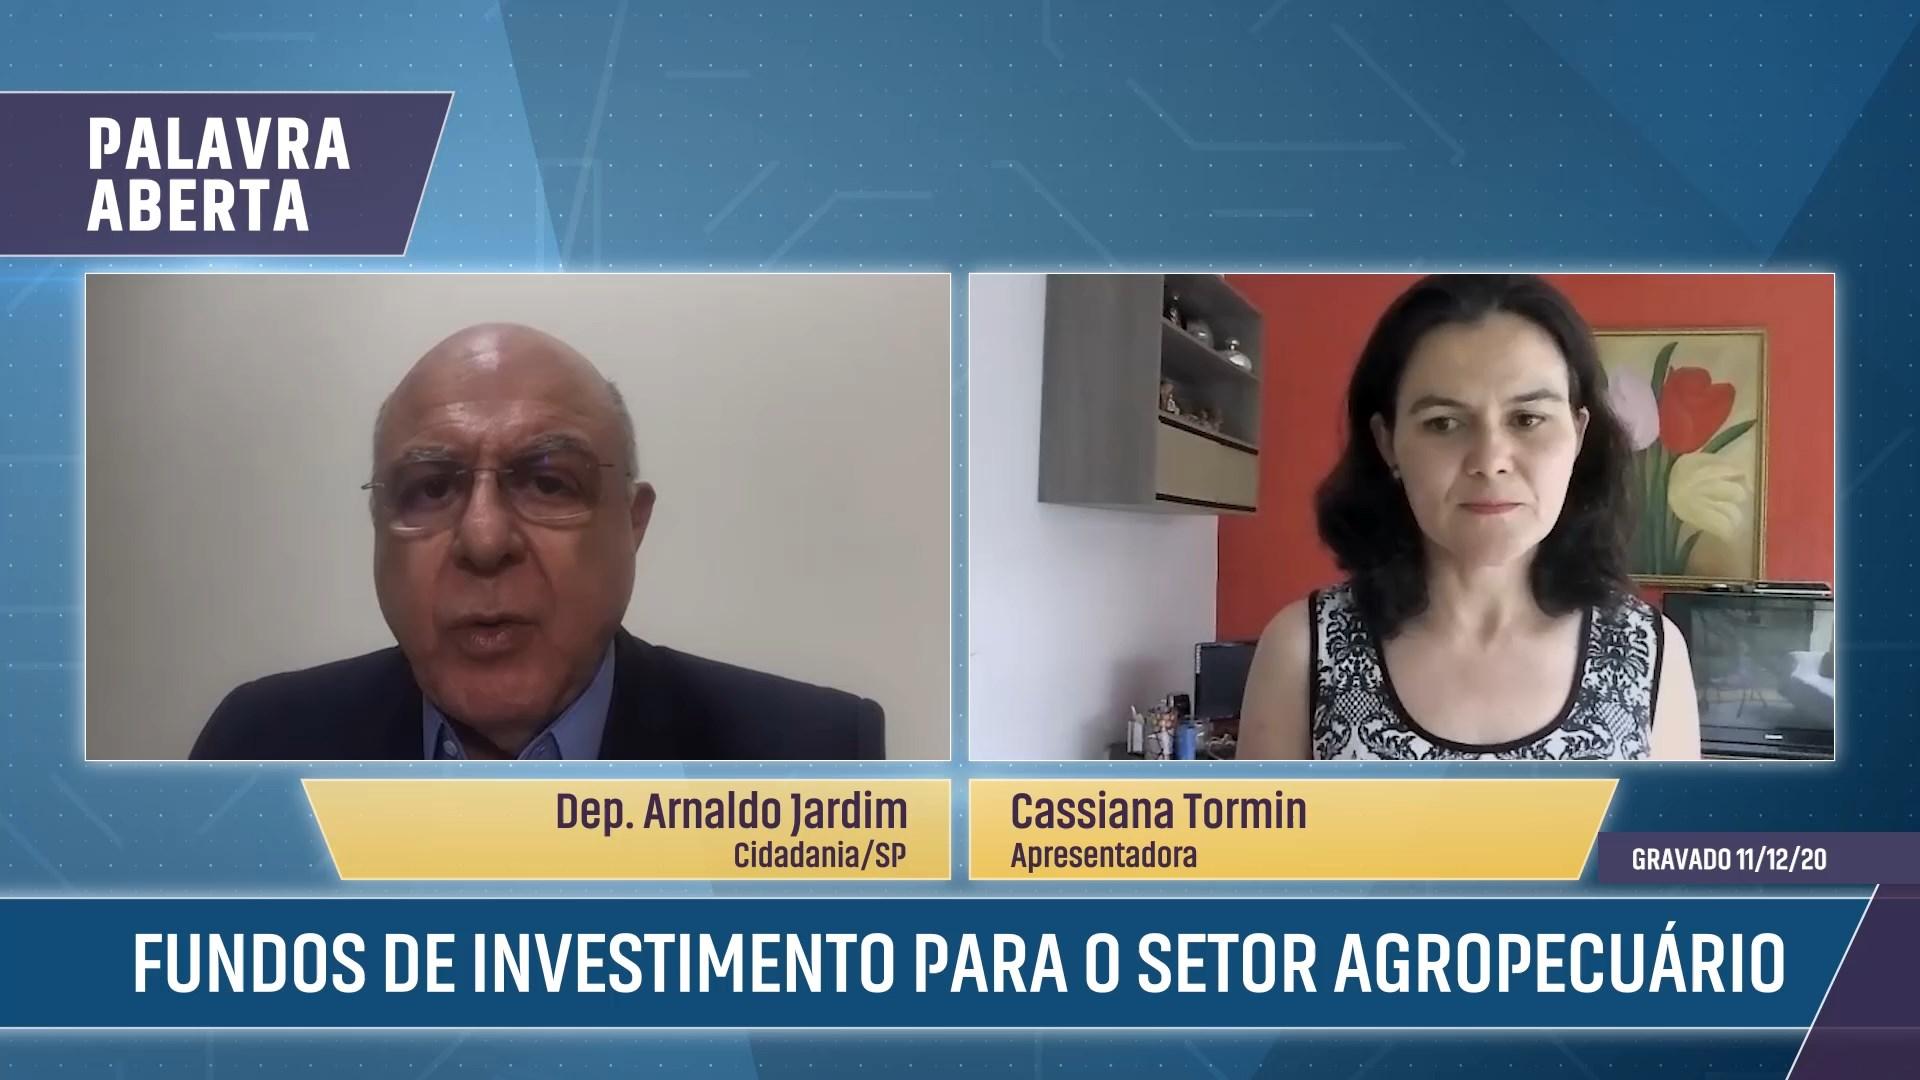 Fundos de Investimento para o Setor Agropecuário